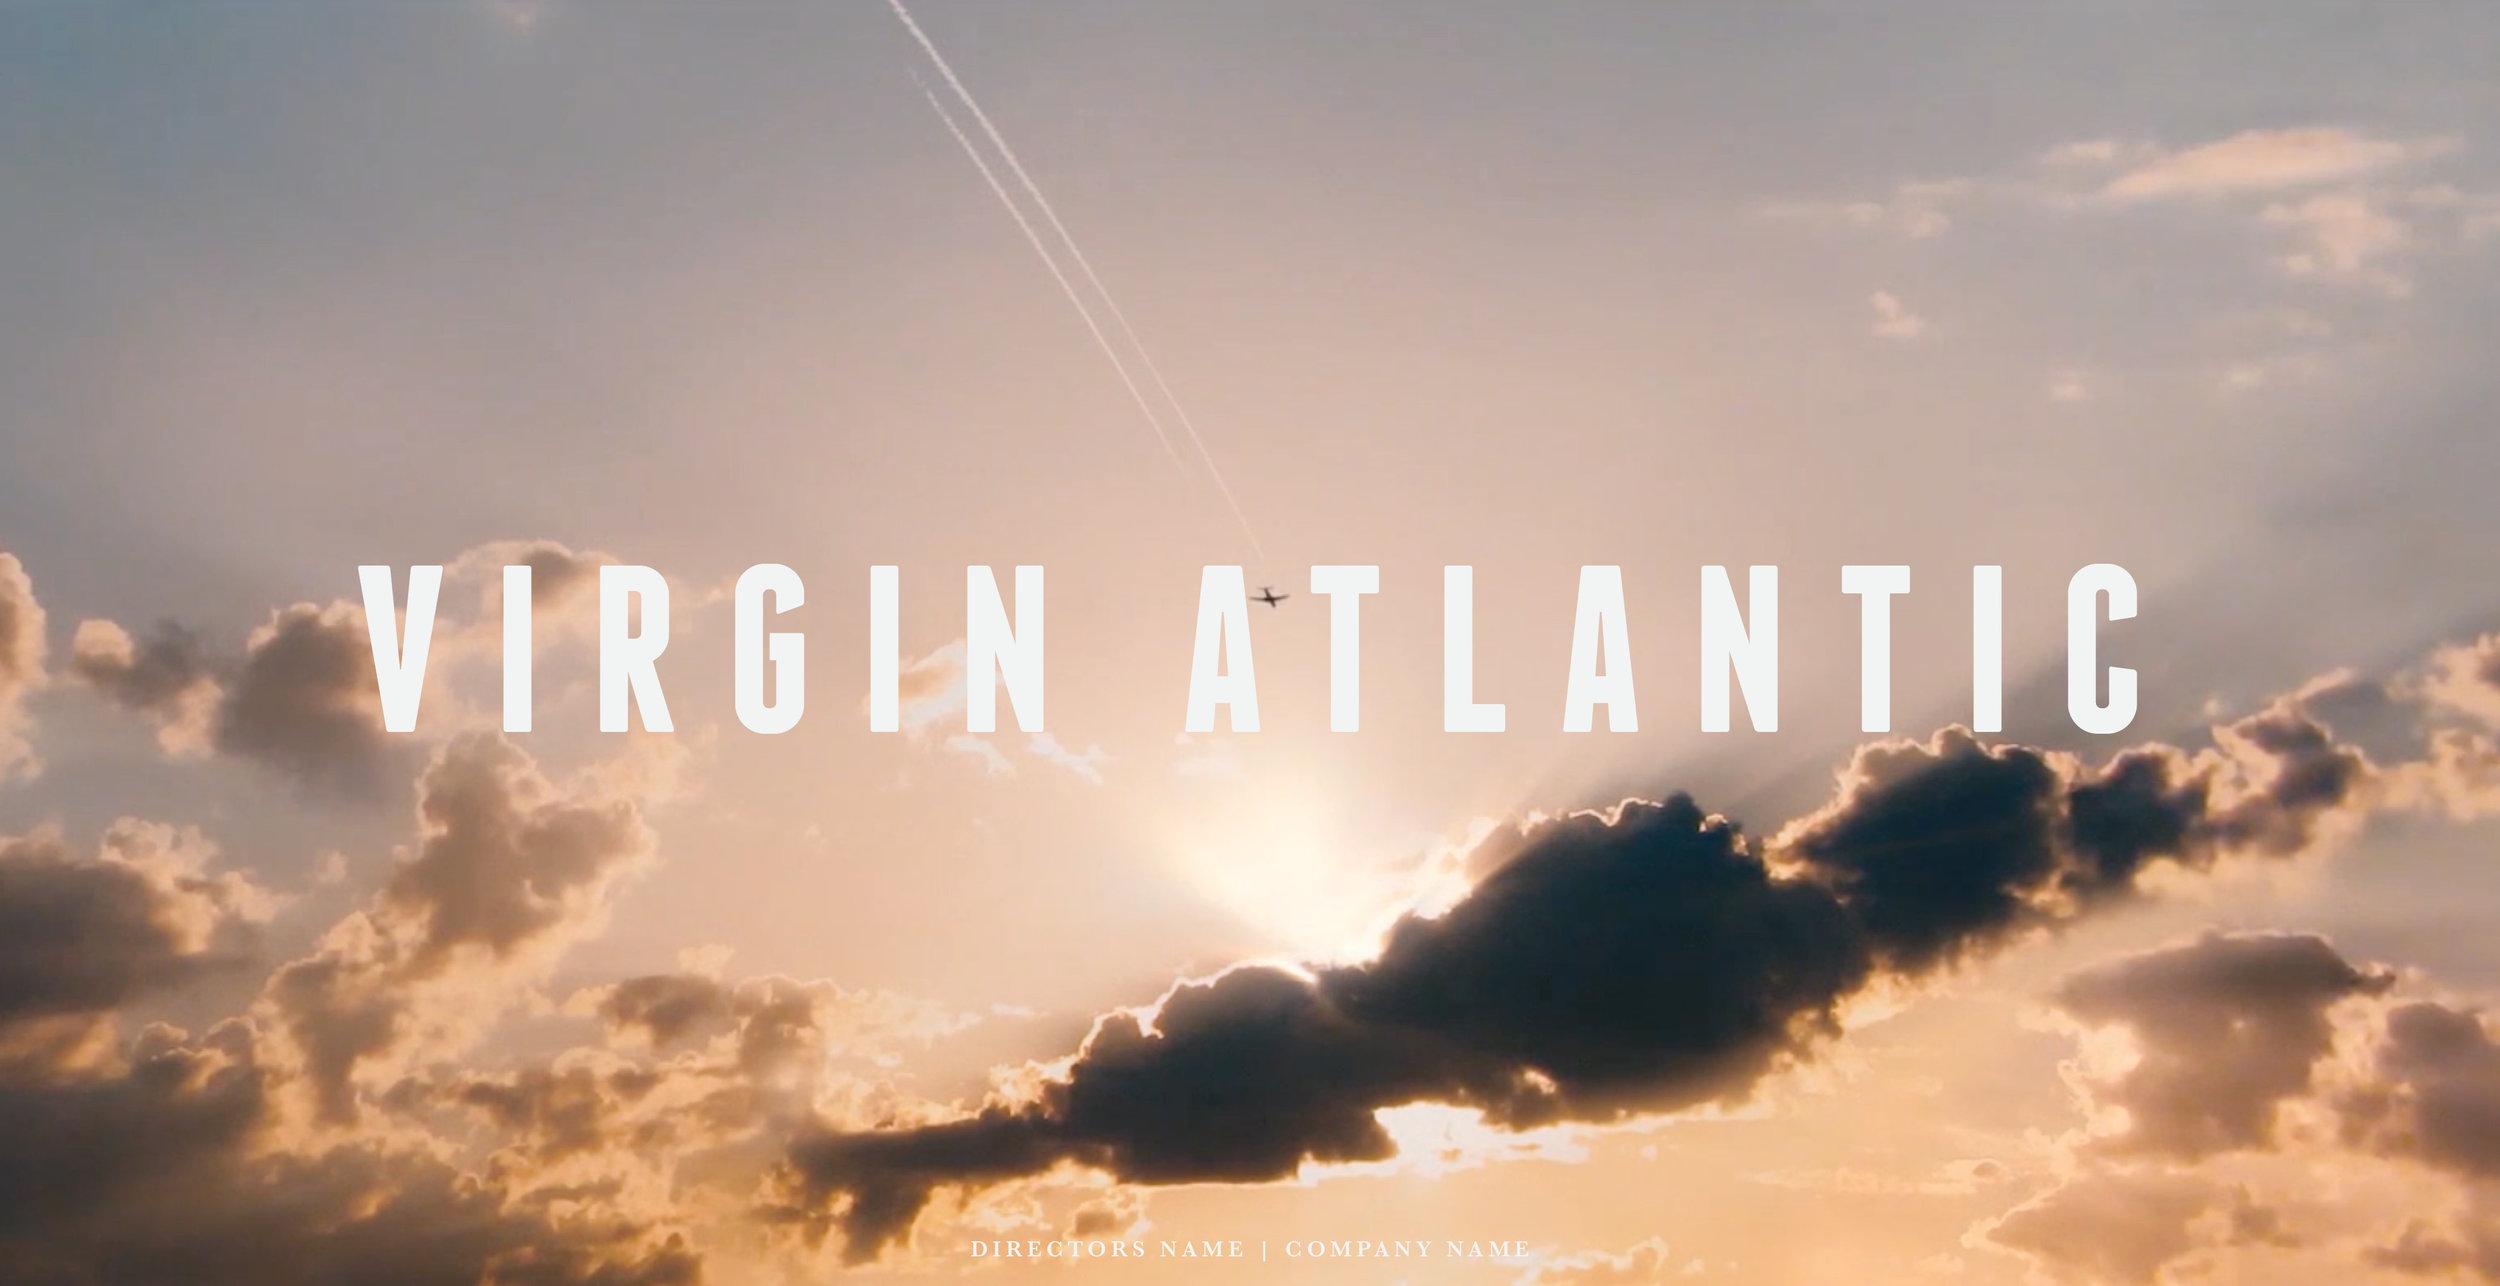 VIRGIN_ATLANTIC_SL_4.jpg